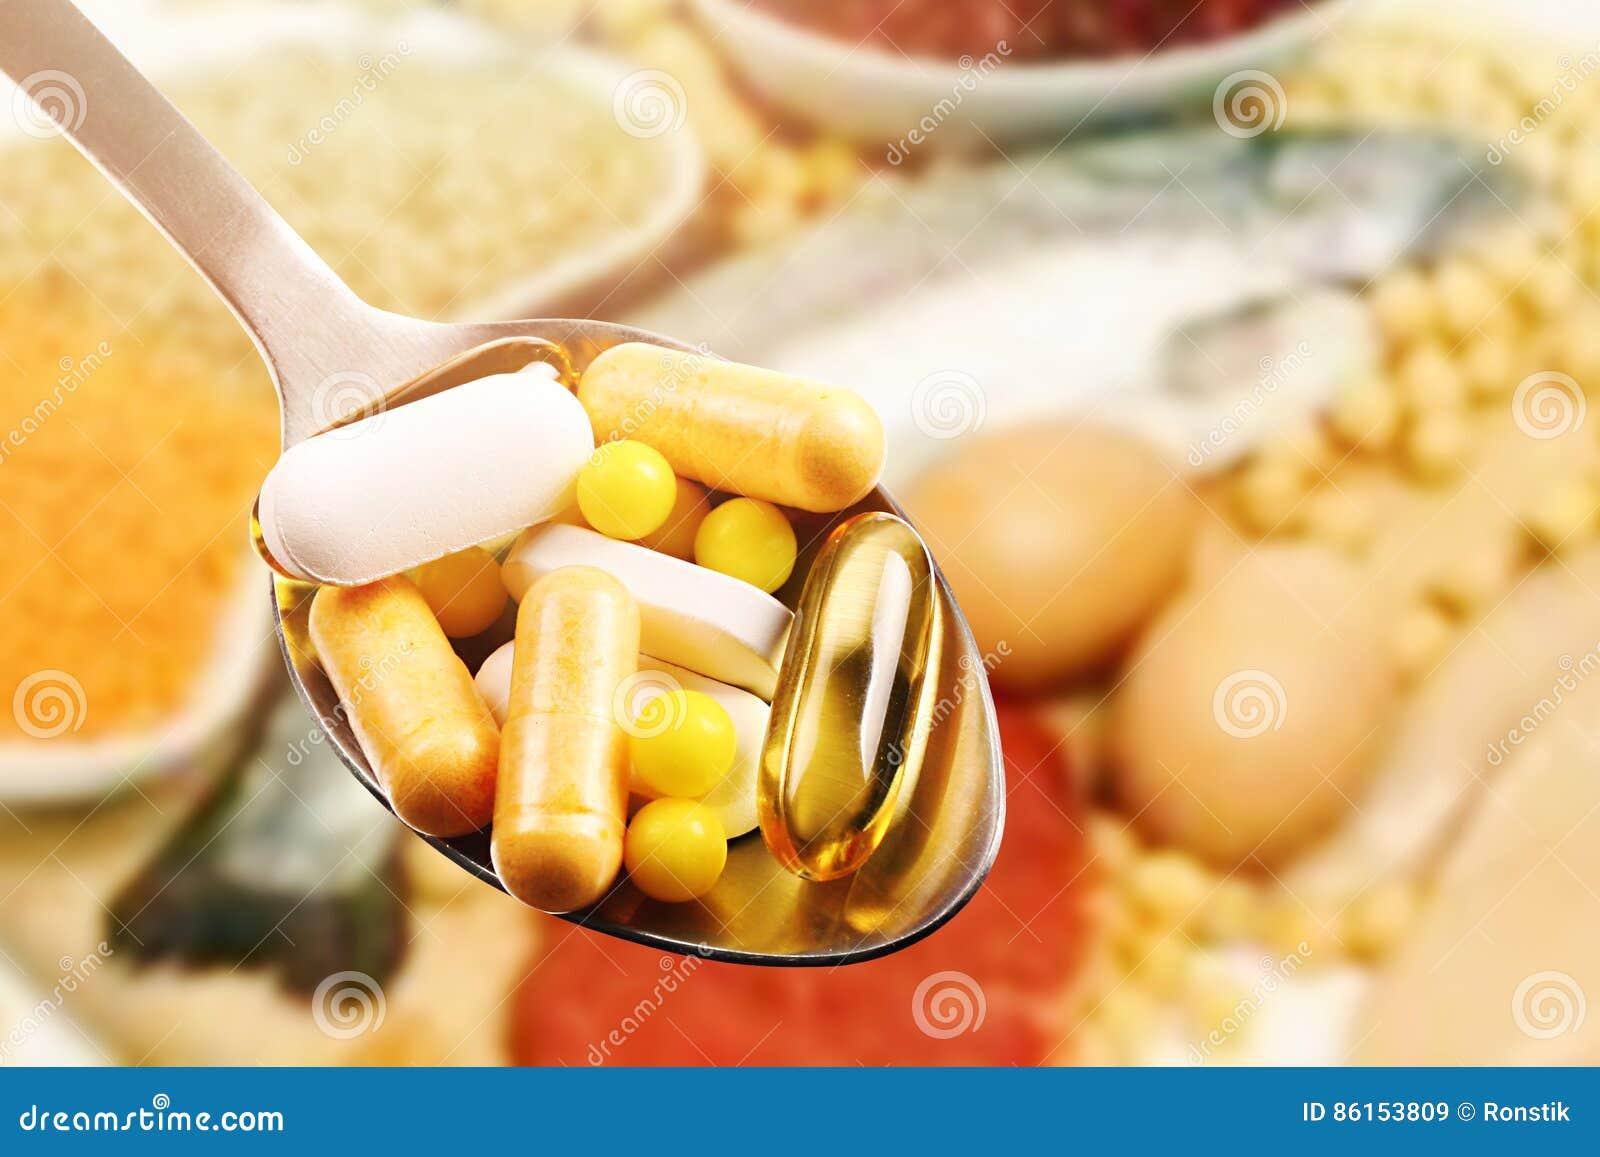 Dieetsupplementen op eiwitvoedselachtergrond